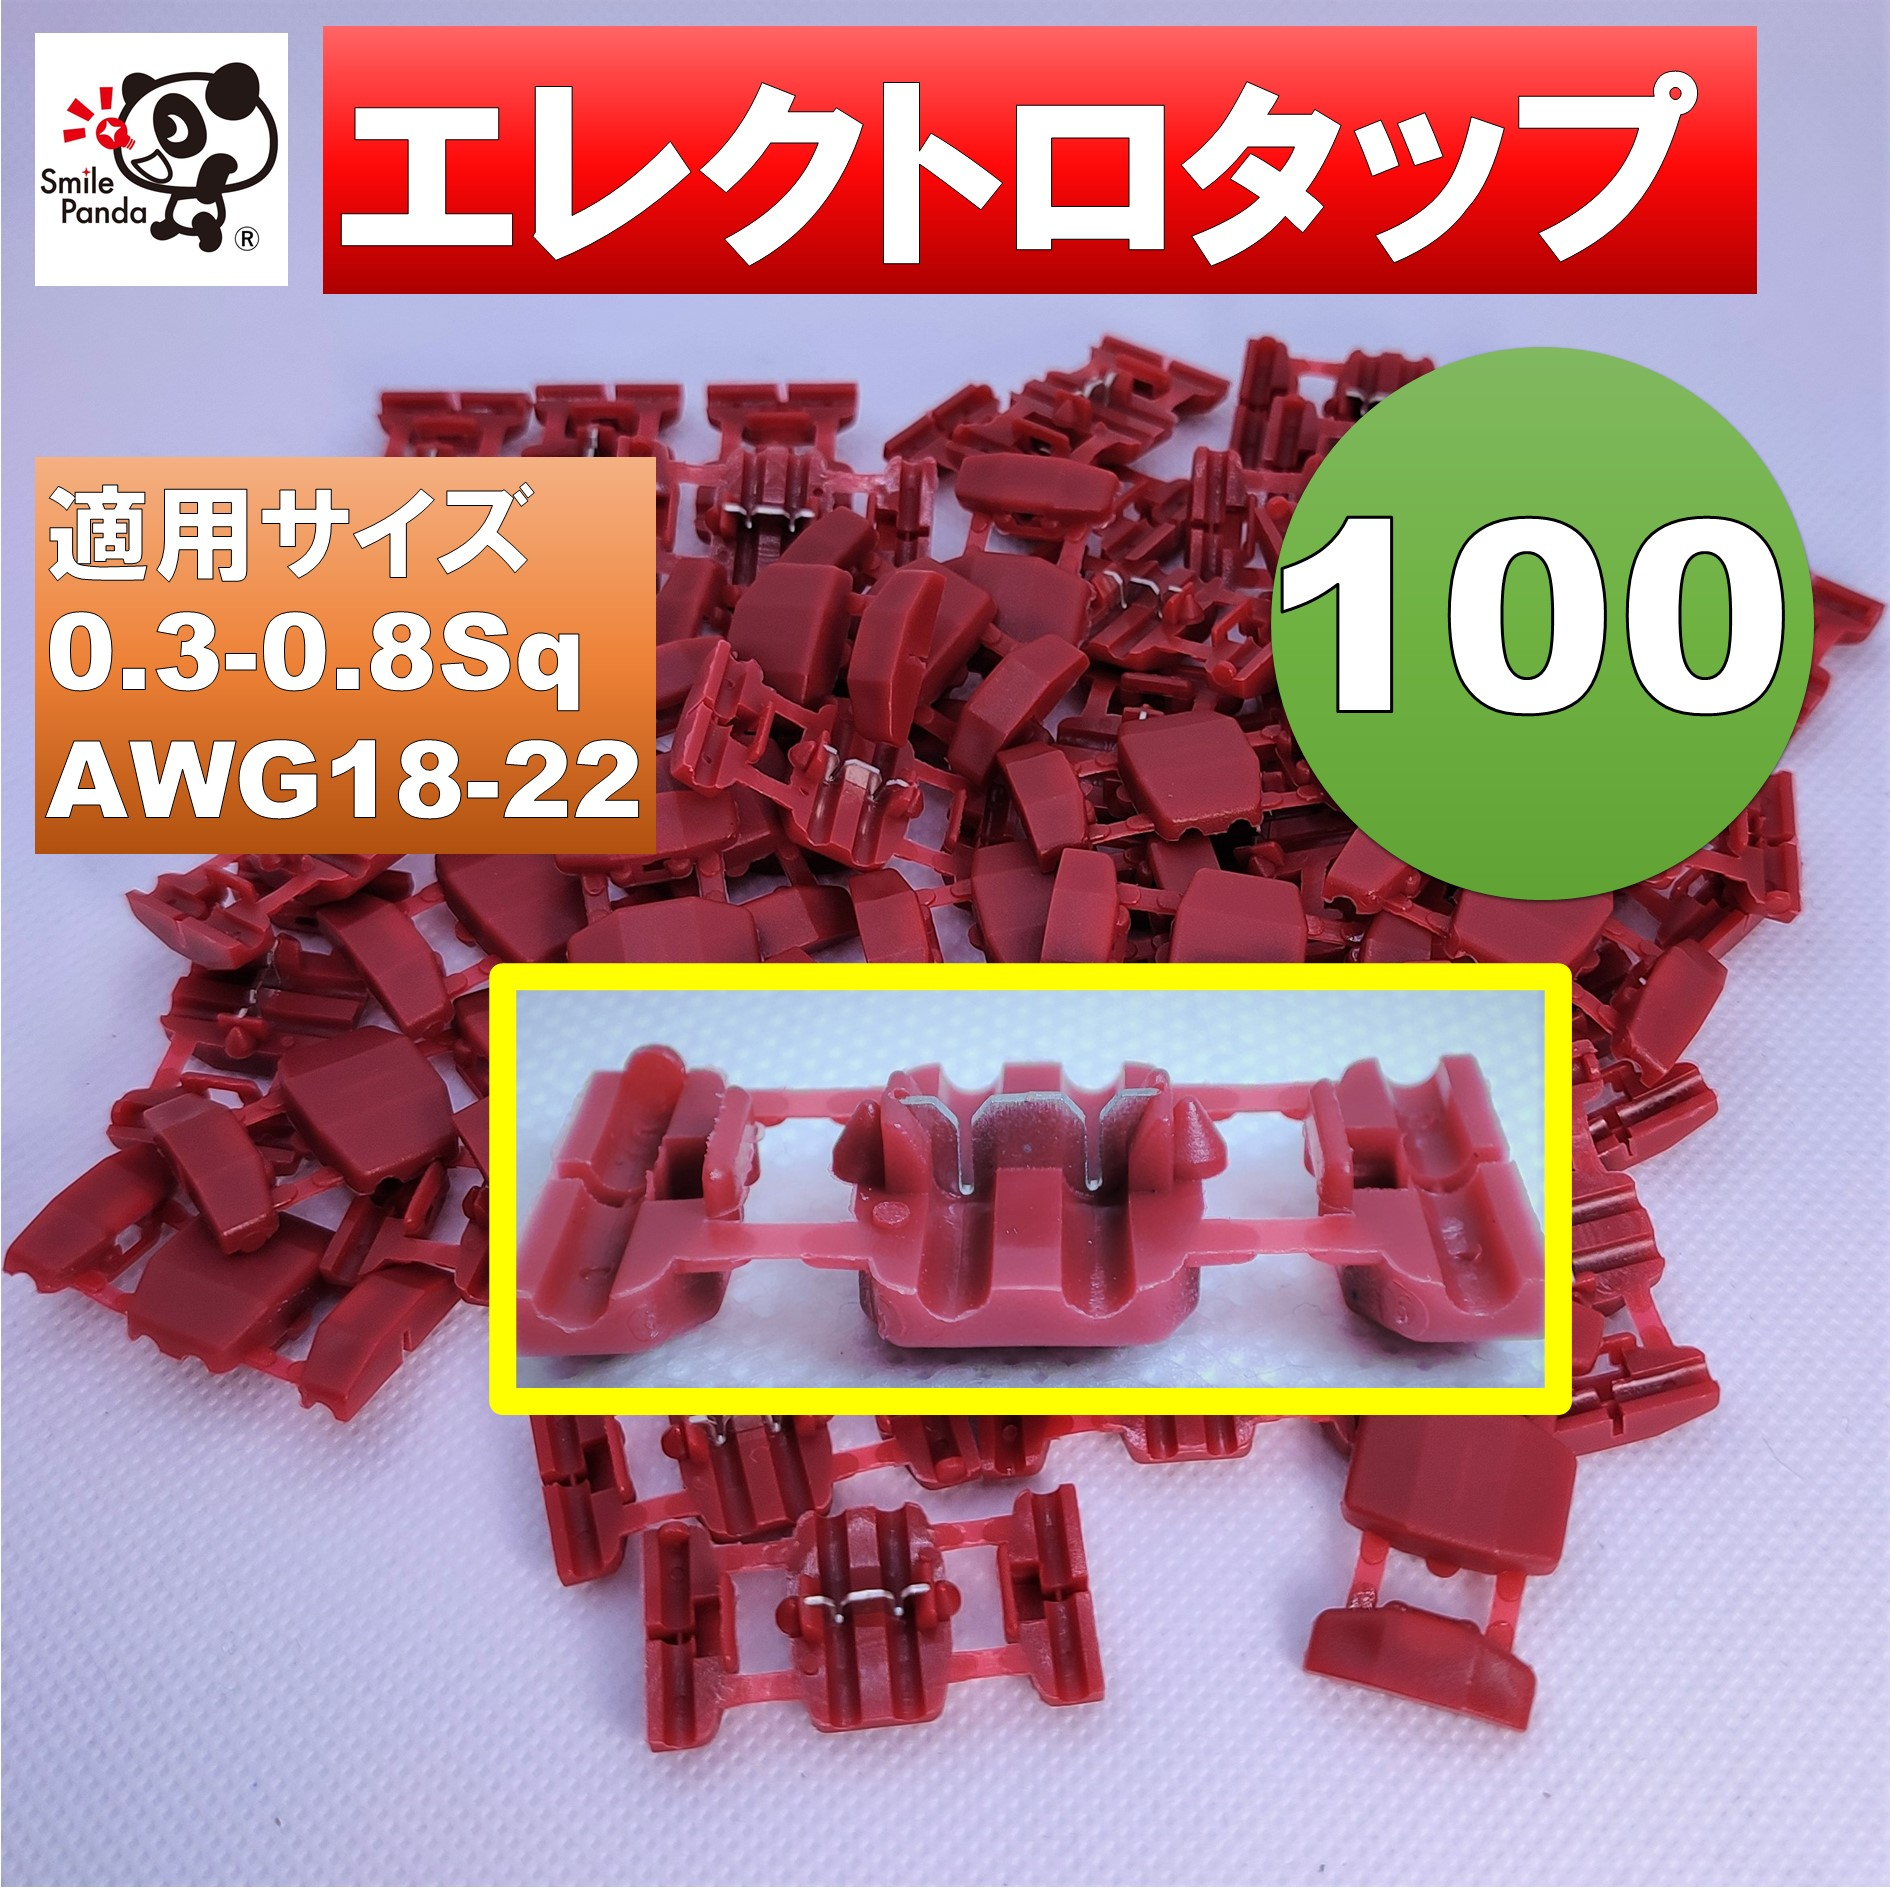 適用サイズ 0.3-0.8 Sq AWG18-22 エレクトロタップ 赤 市販 セット 新作 コネクター 電線分岐 100個